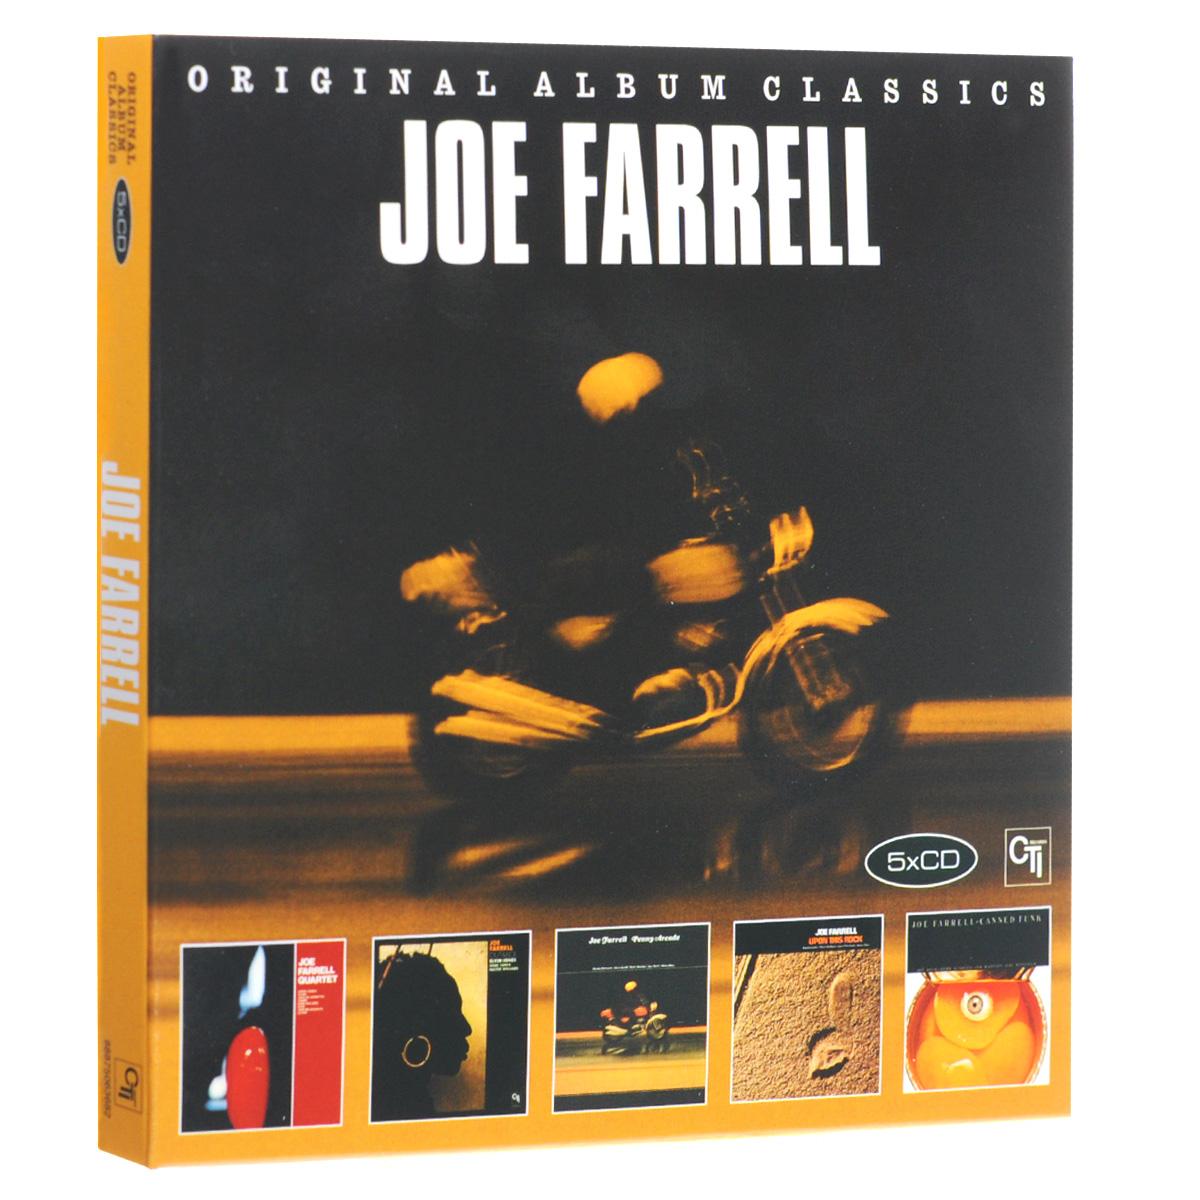 Joe Farrell. Original Album Classics (5 CD)